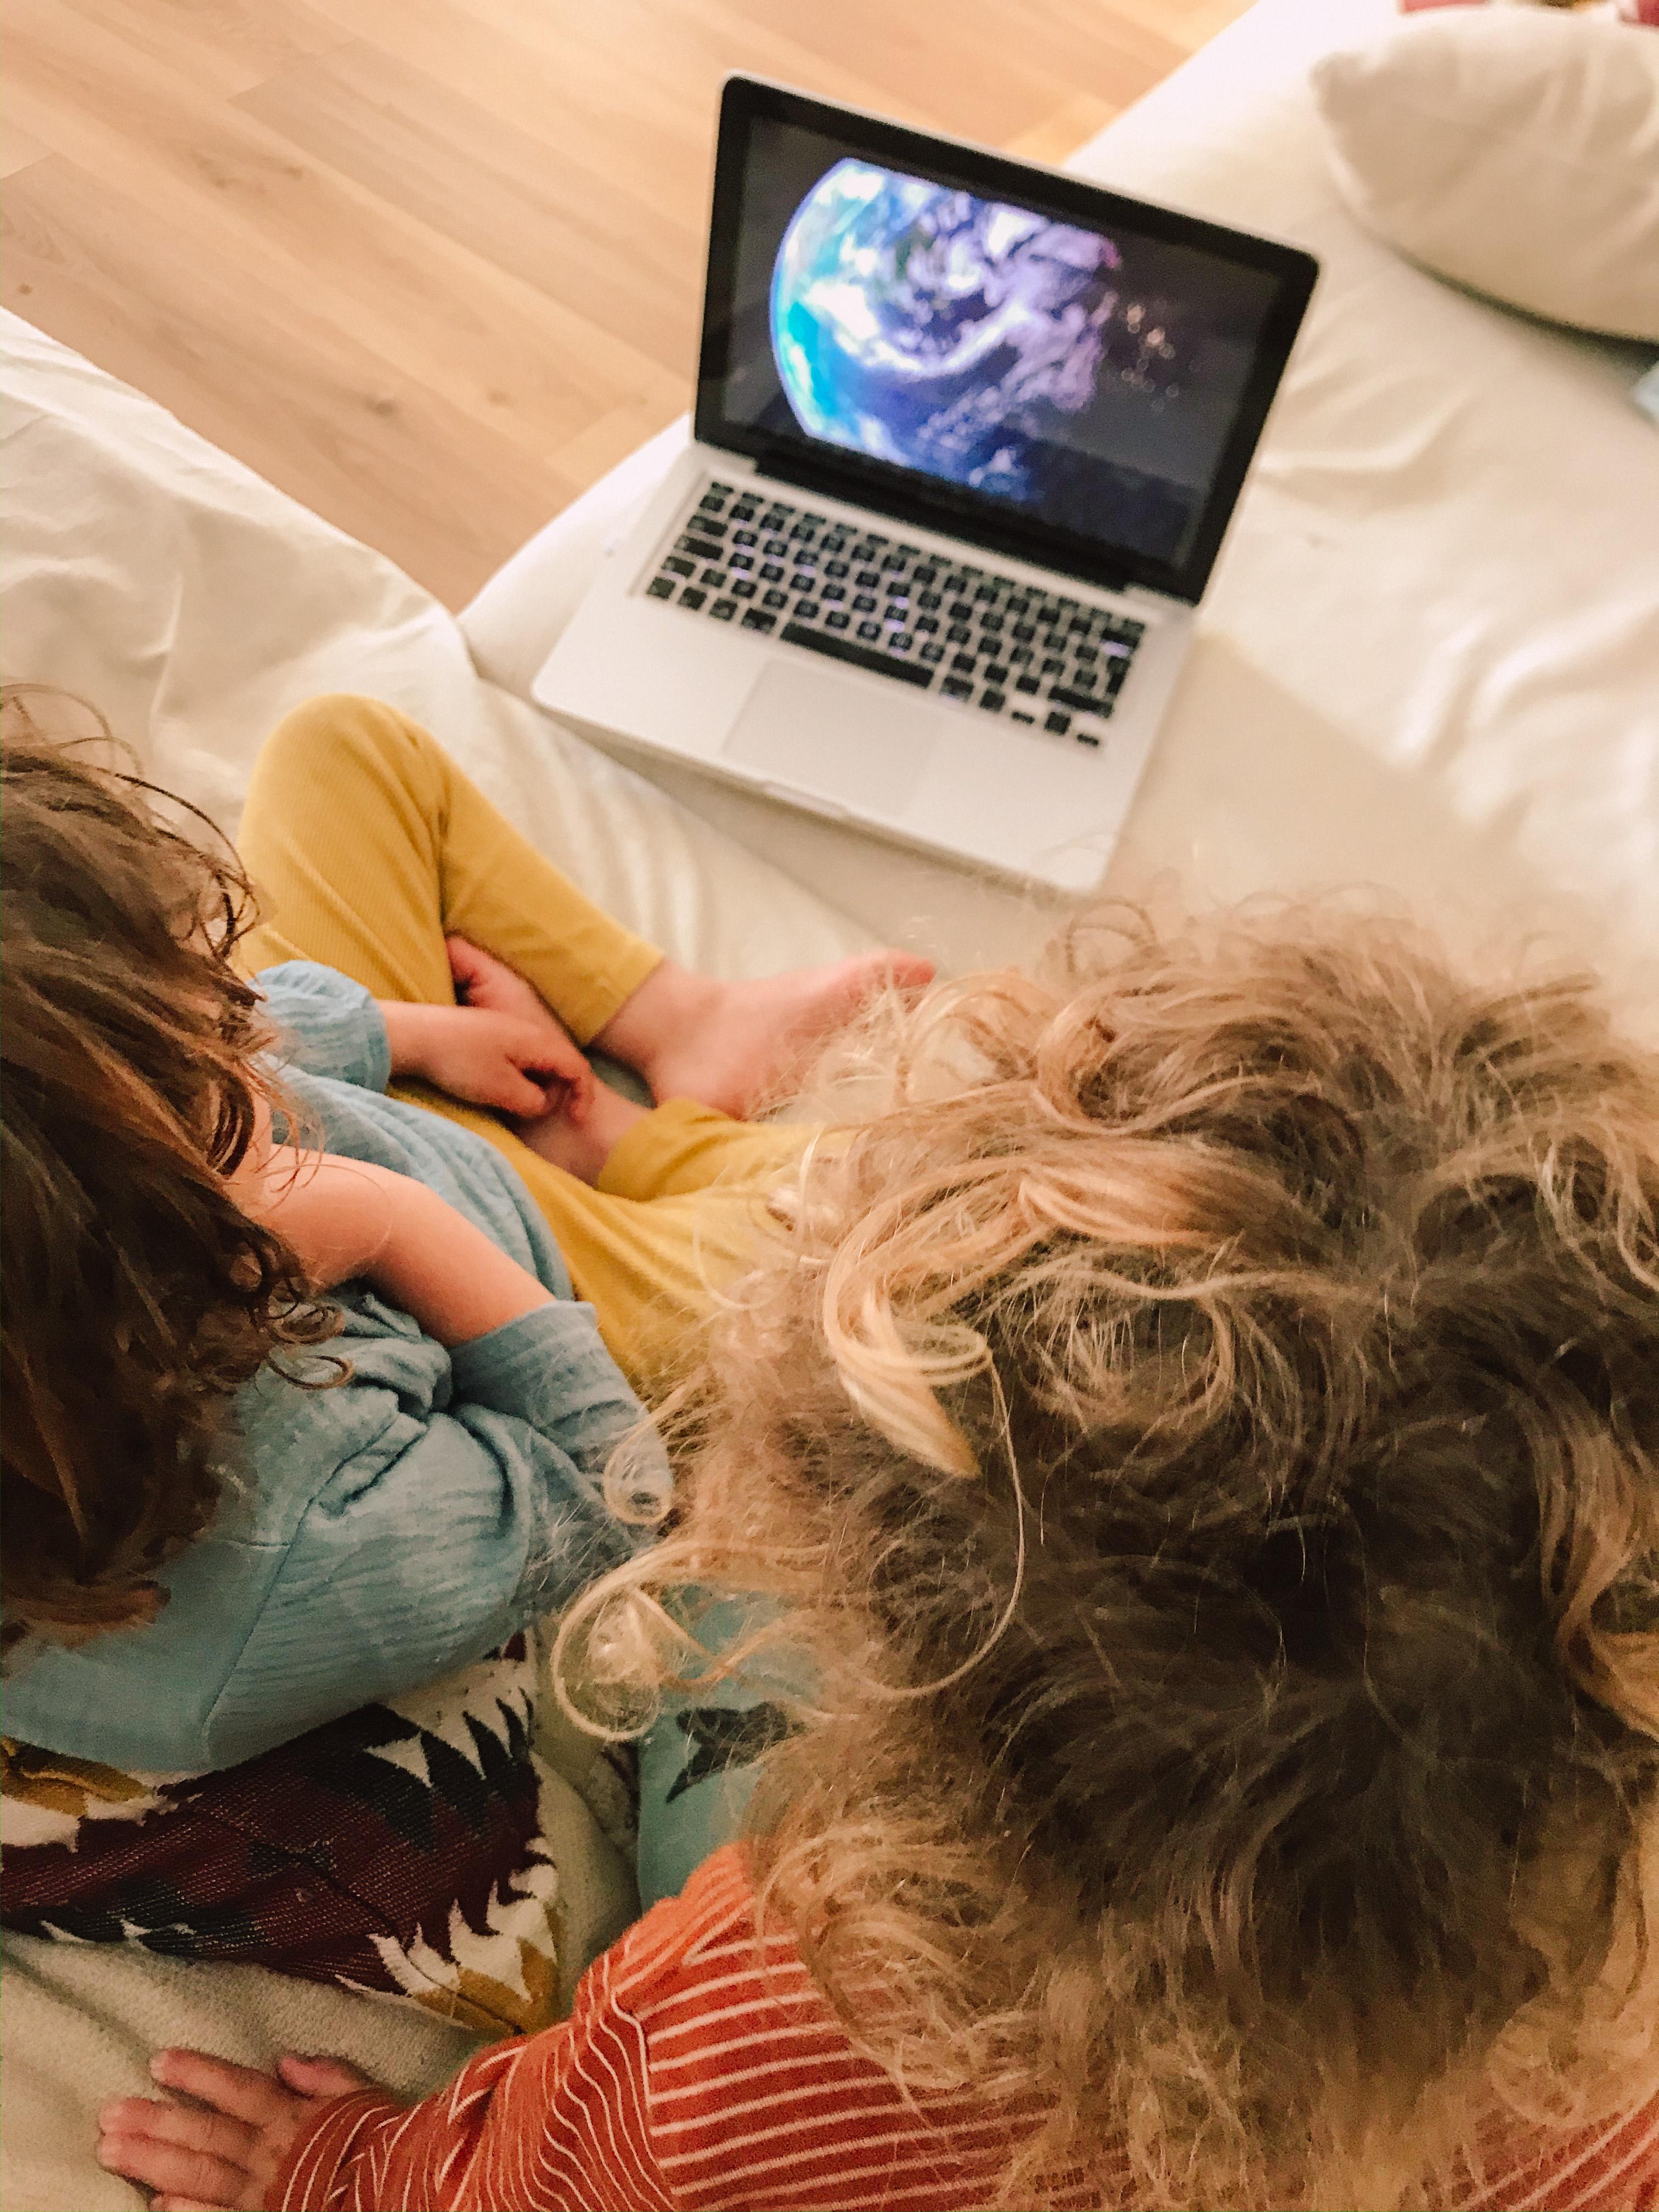 screen time, schermi, televisione, computer, cellulare, bambini, tecnologia, tempo, sano, salute, movimento, natura, scelte, genitori, figli, mama rainbow, cartoni animati, documentari, educazione, esempio